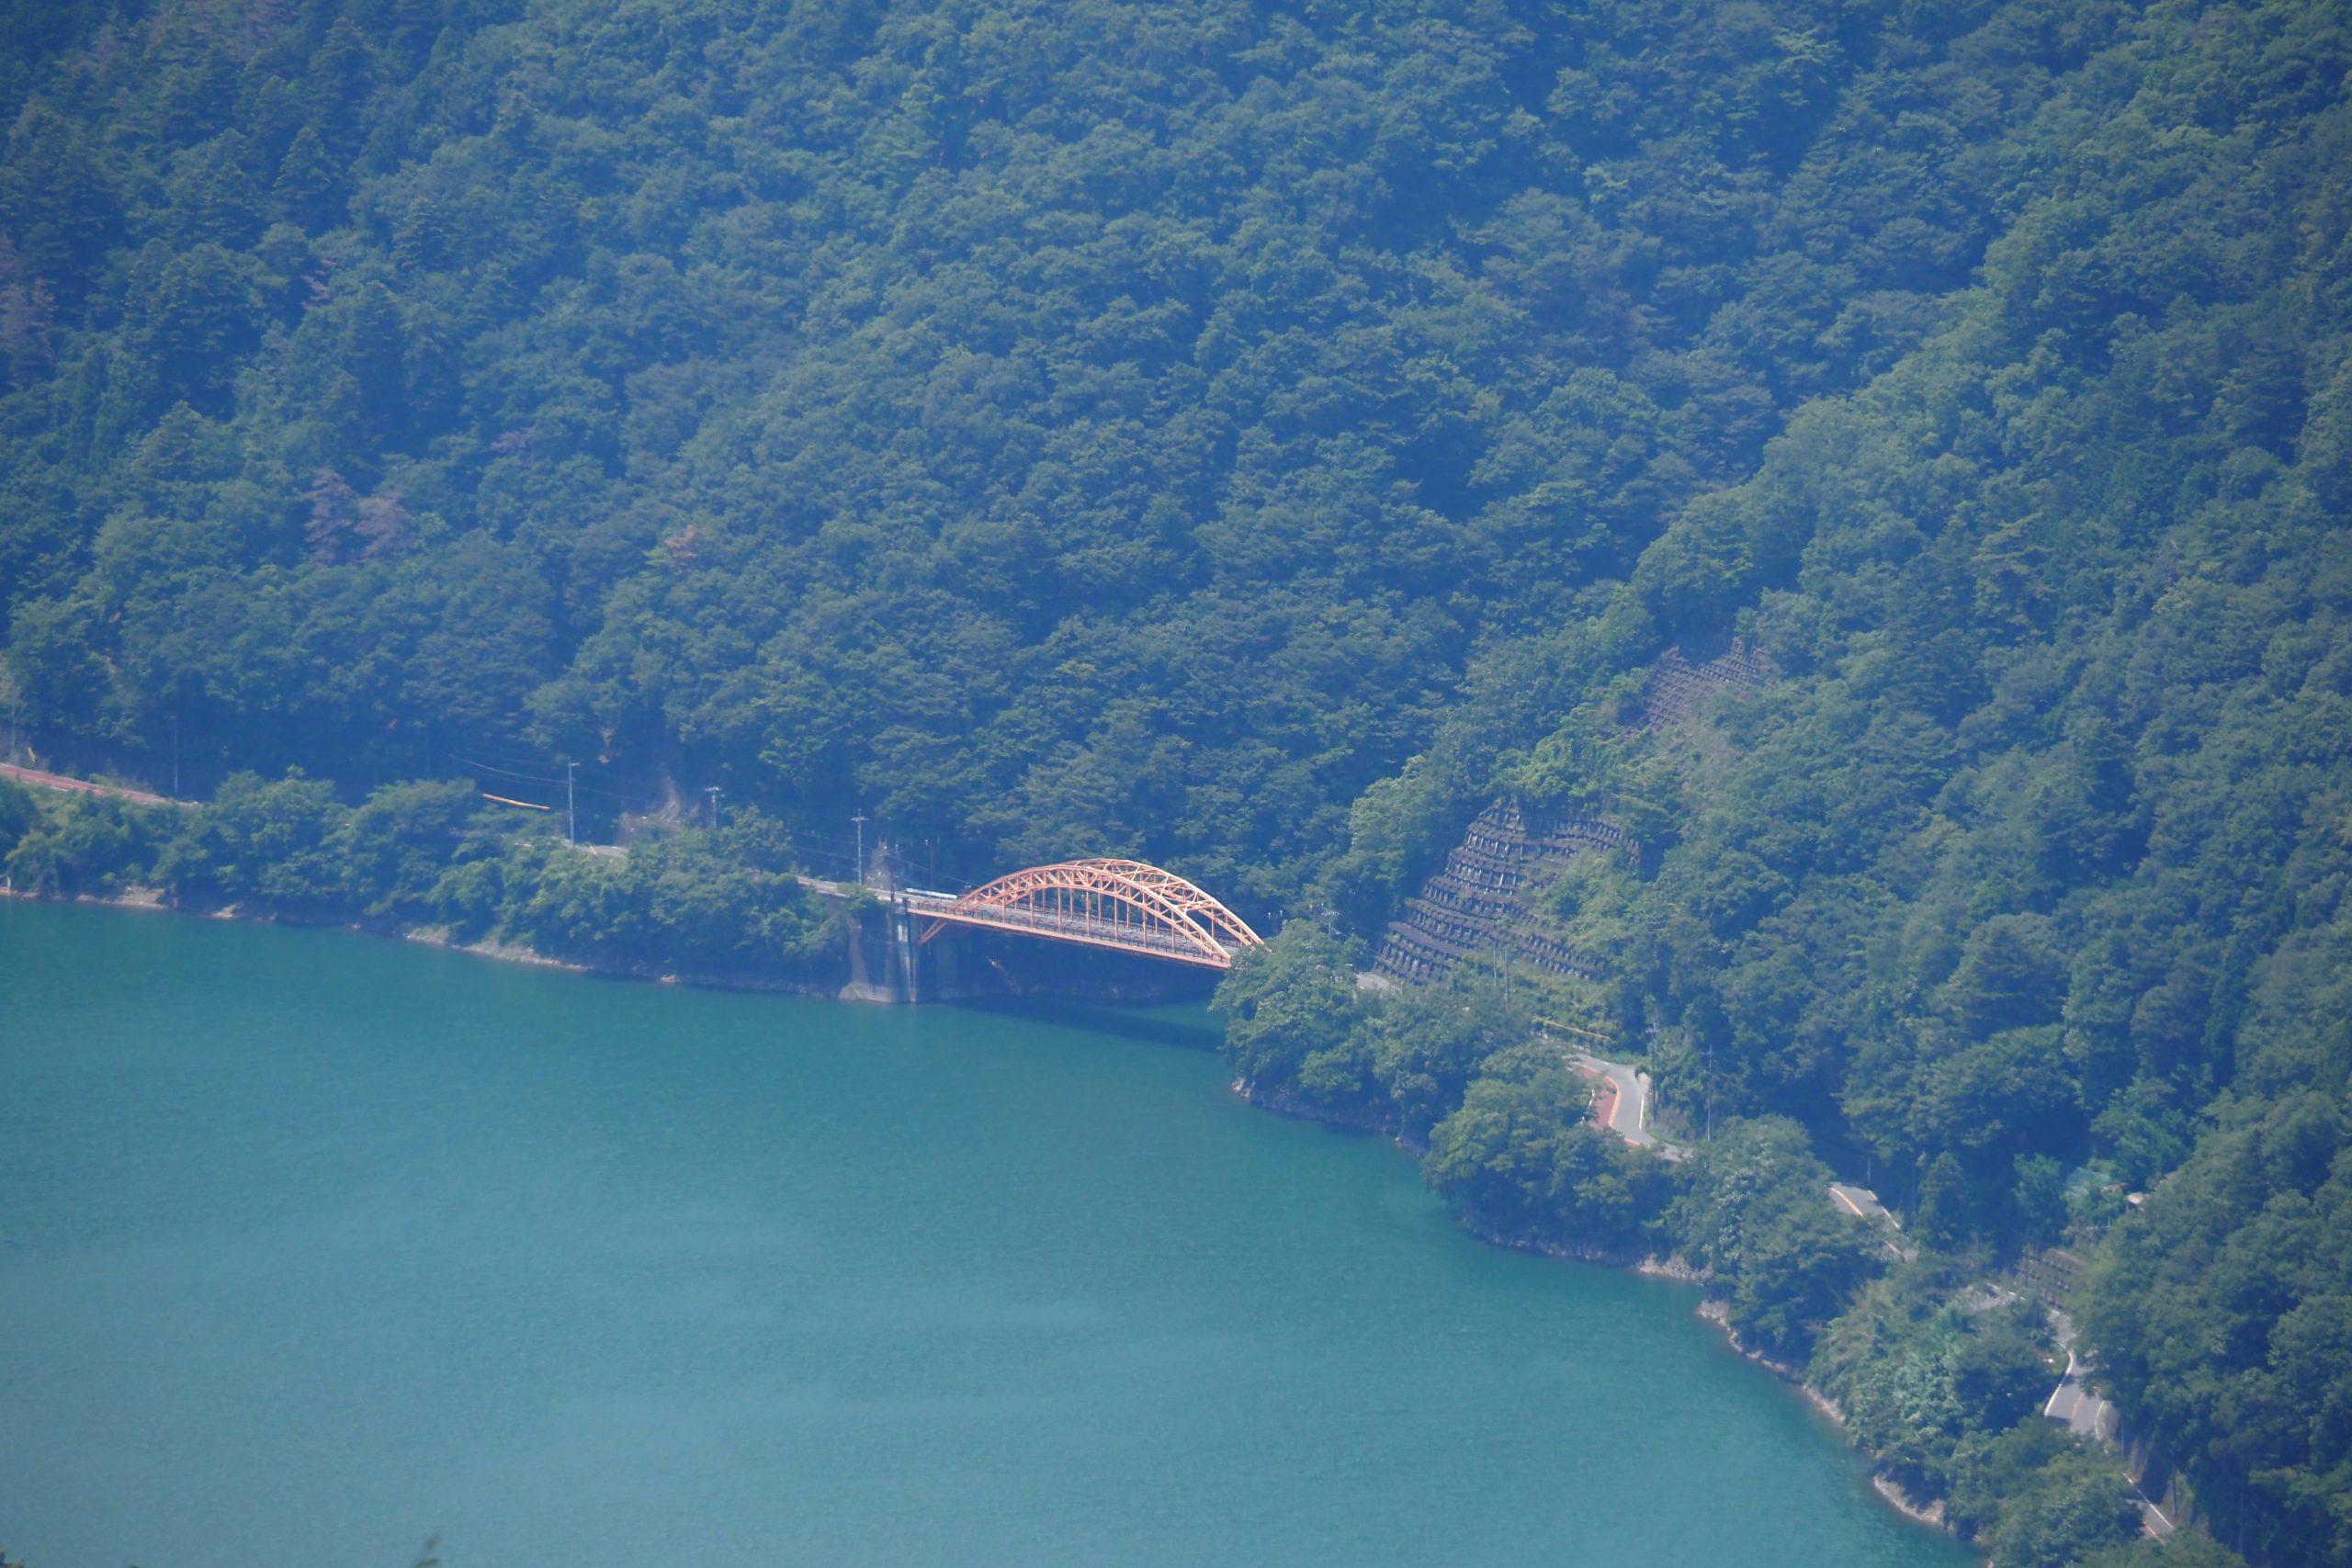 奥多摩周遊道路から見た麦山橋